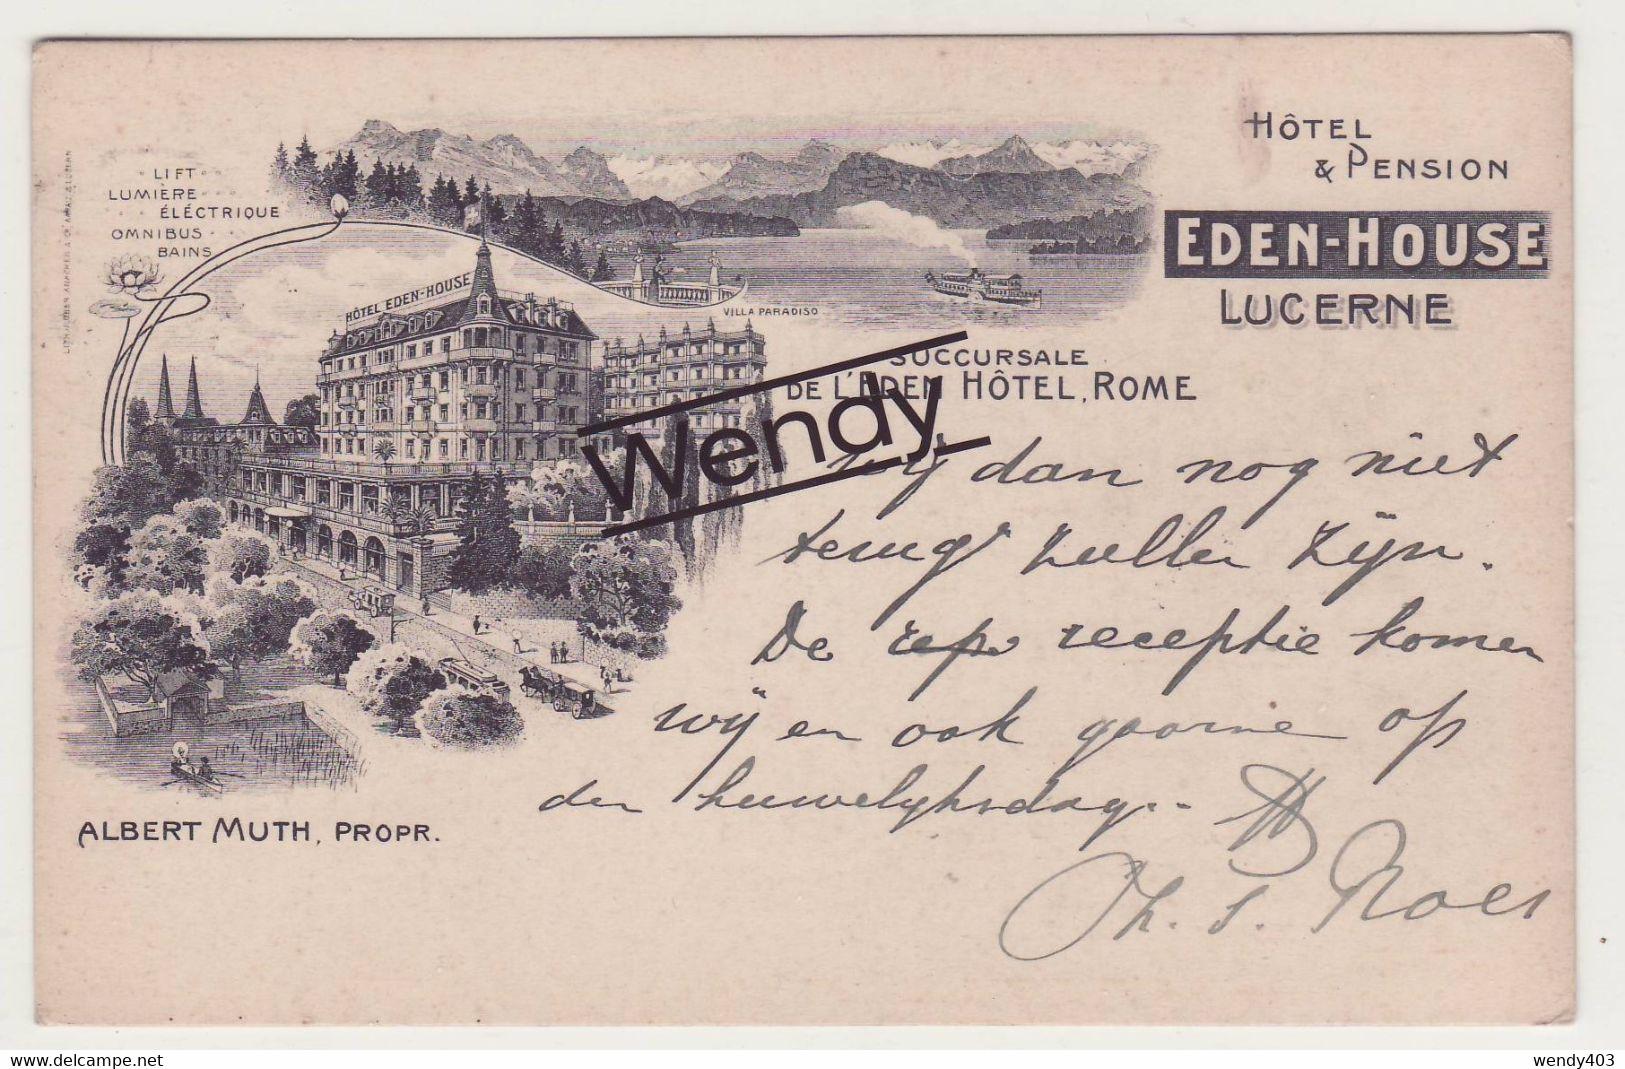 Lucerne (hotel-pension Eden House) - LU Lucerne